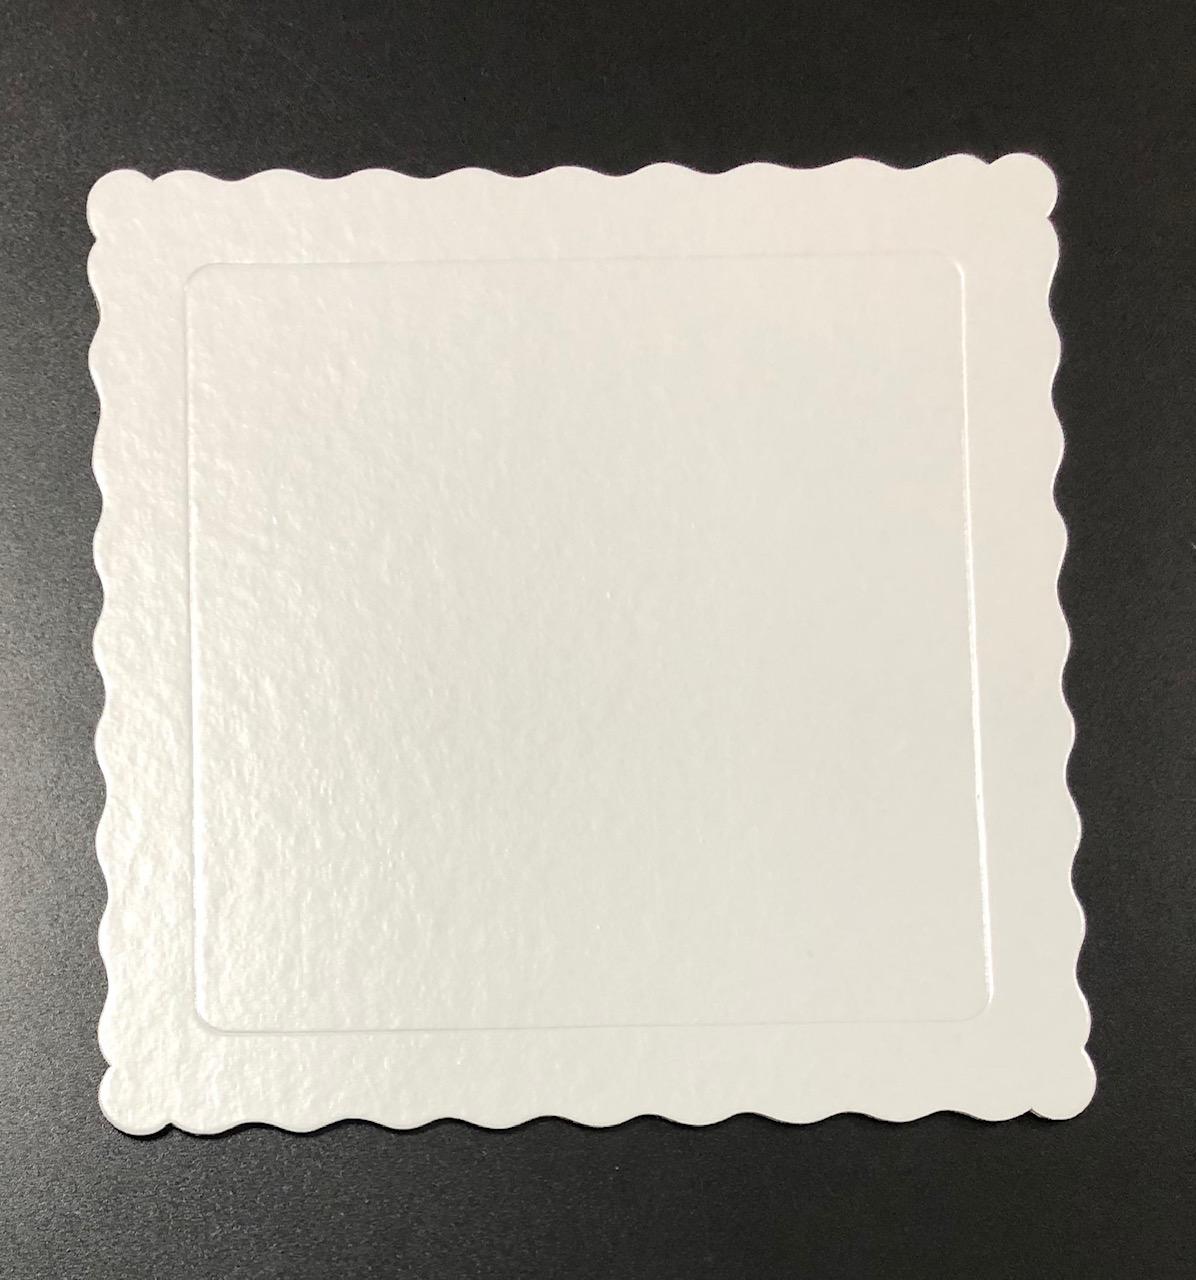 100 Bases Laminadas Para Bolo Quadrado, Cake Board 25x25cm - Branco